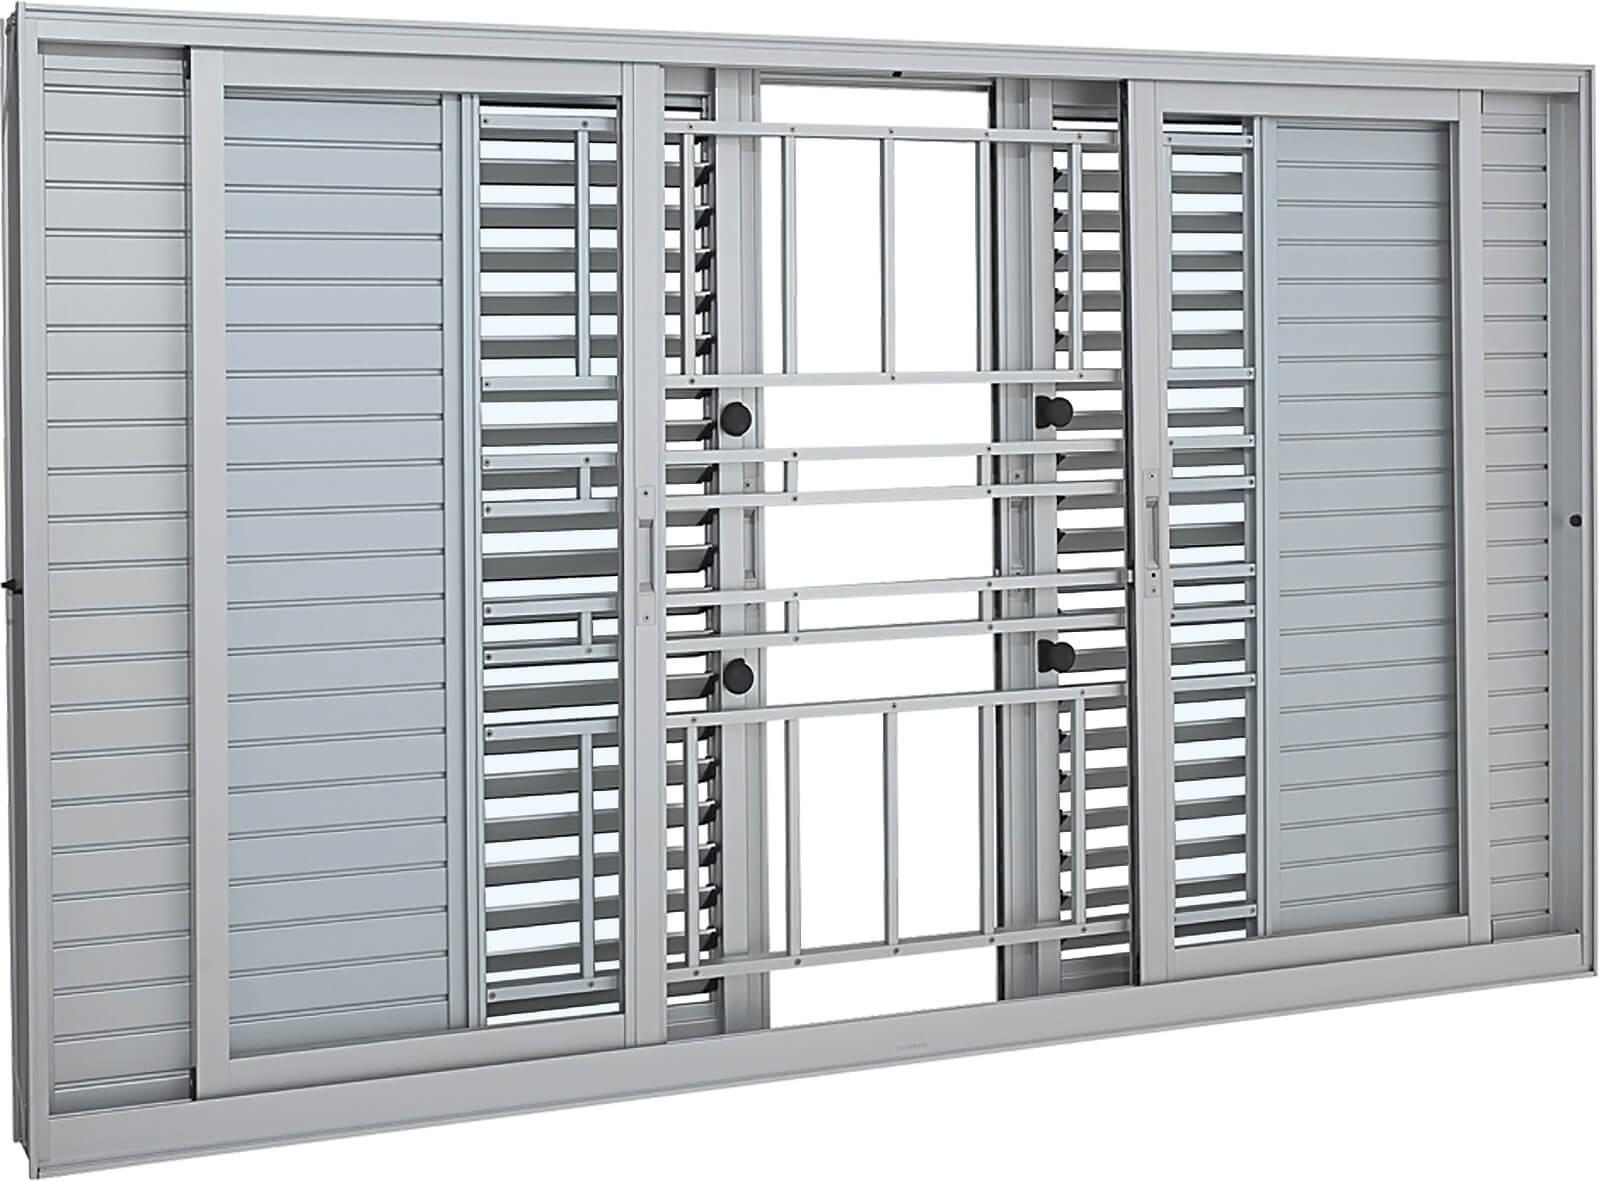 Aluminium Veneziana Multiflex - 1.20x1.50x0.14 Ref. 70.05.603-8 Sasazaki